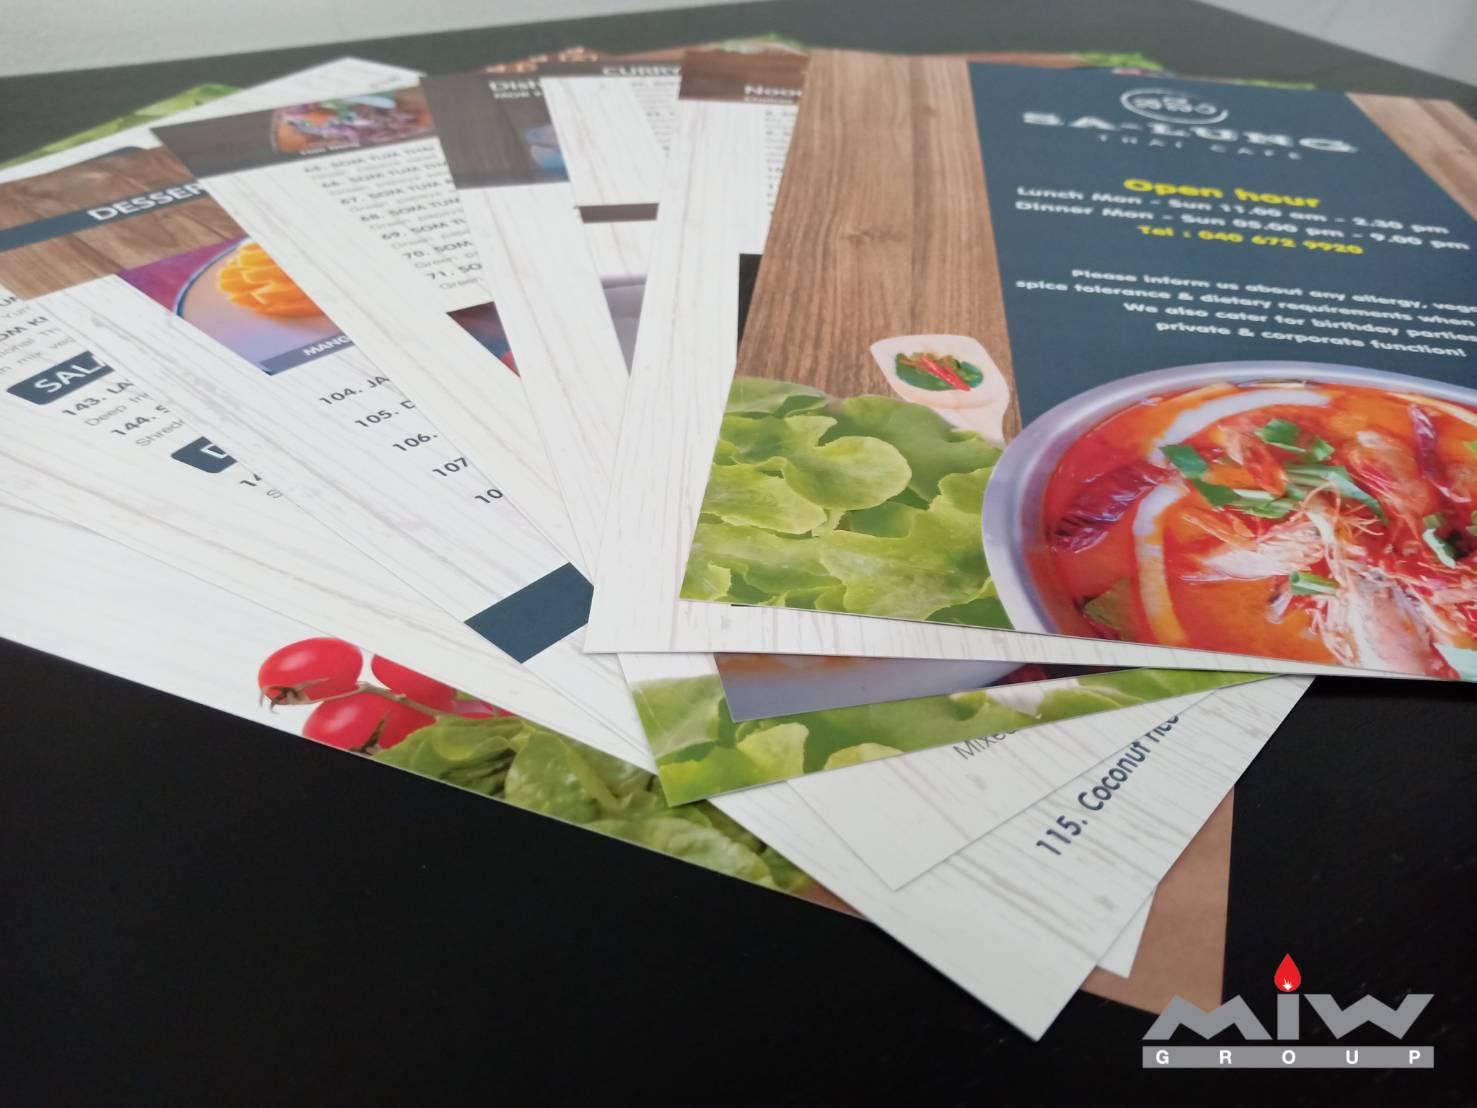 241269 - งานเมนูอาหารร้าน Sa-Lung Thai Cafe